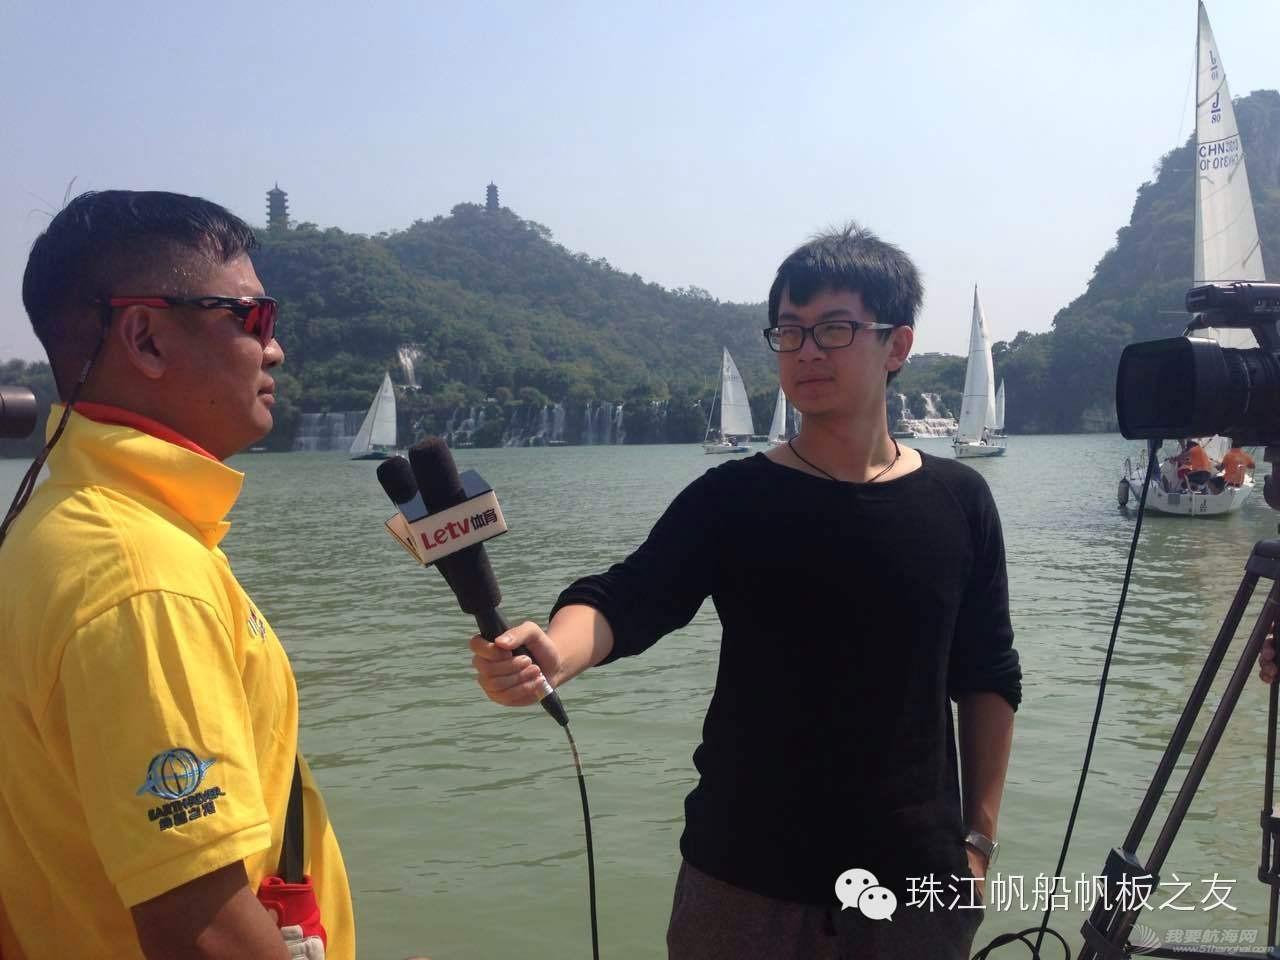 广州帆协在柳州第五届帆船赛 4f062c588a0bb6365f8518ec40a44ce7.jpg